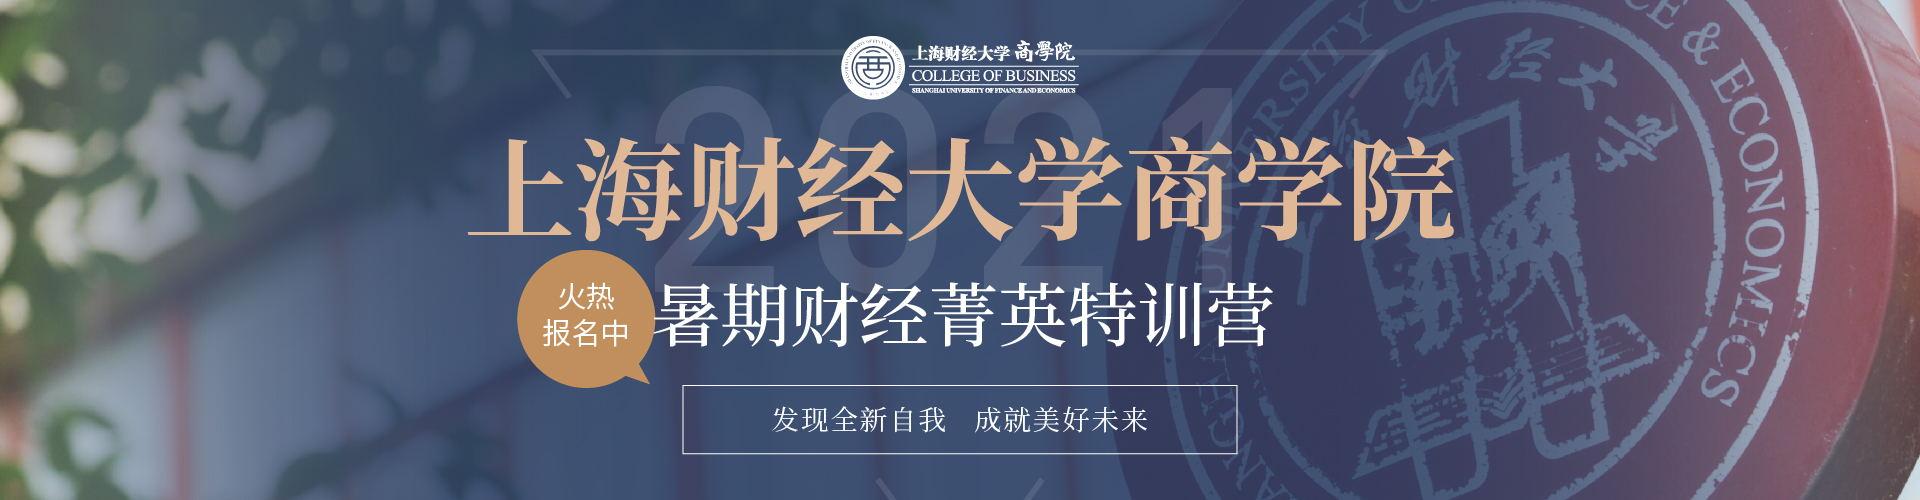 上海财经大学商学院暑期财经菁英特训营